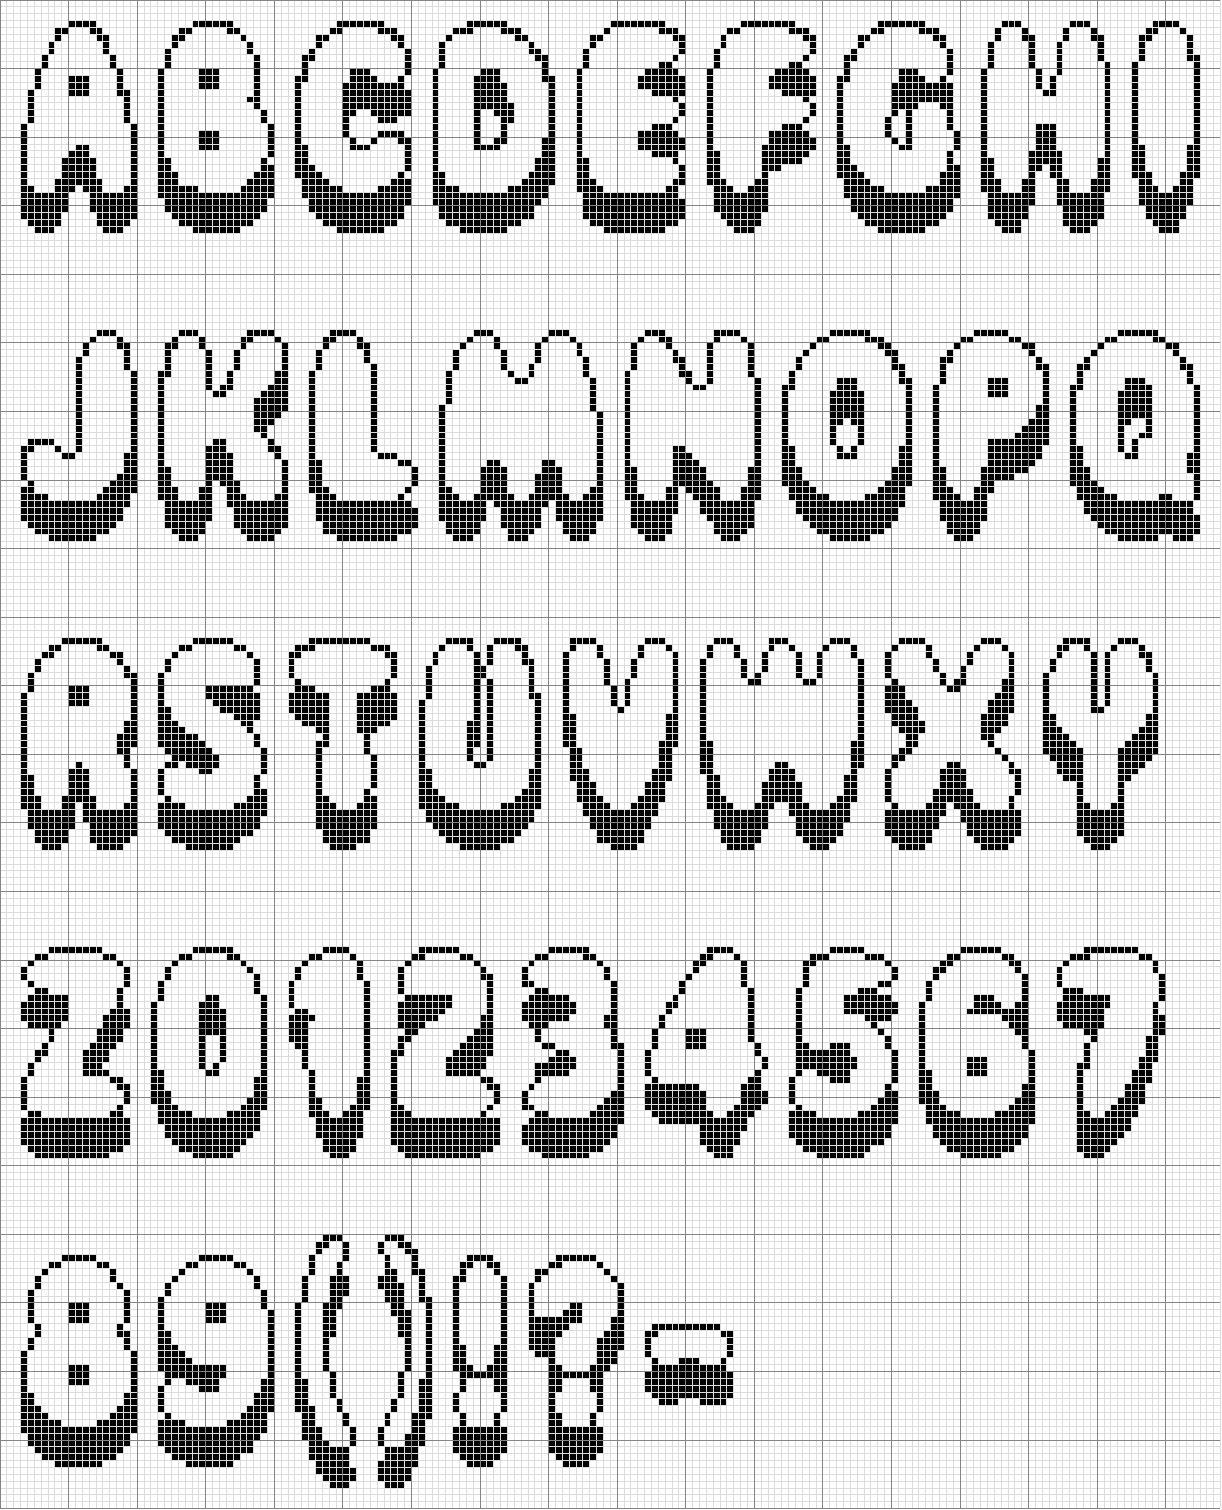 De Vetores Letras Do Alfabeto Desenhadas Desenhos Para Colorir E Jogos